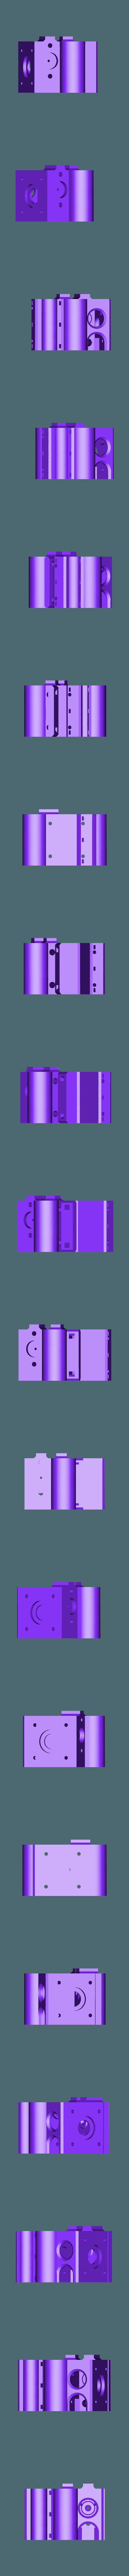 X_direct.stl Télécharger fichier STL gratuit X chariot pour imprimante OB1.4 / Câblé1 • Design pour impression 3D, volpiclaudio